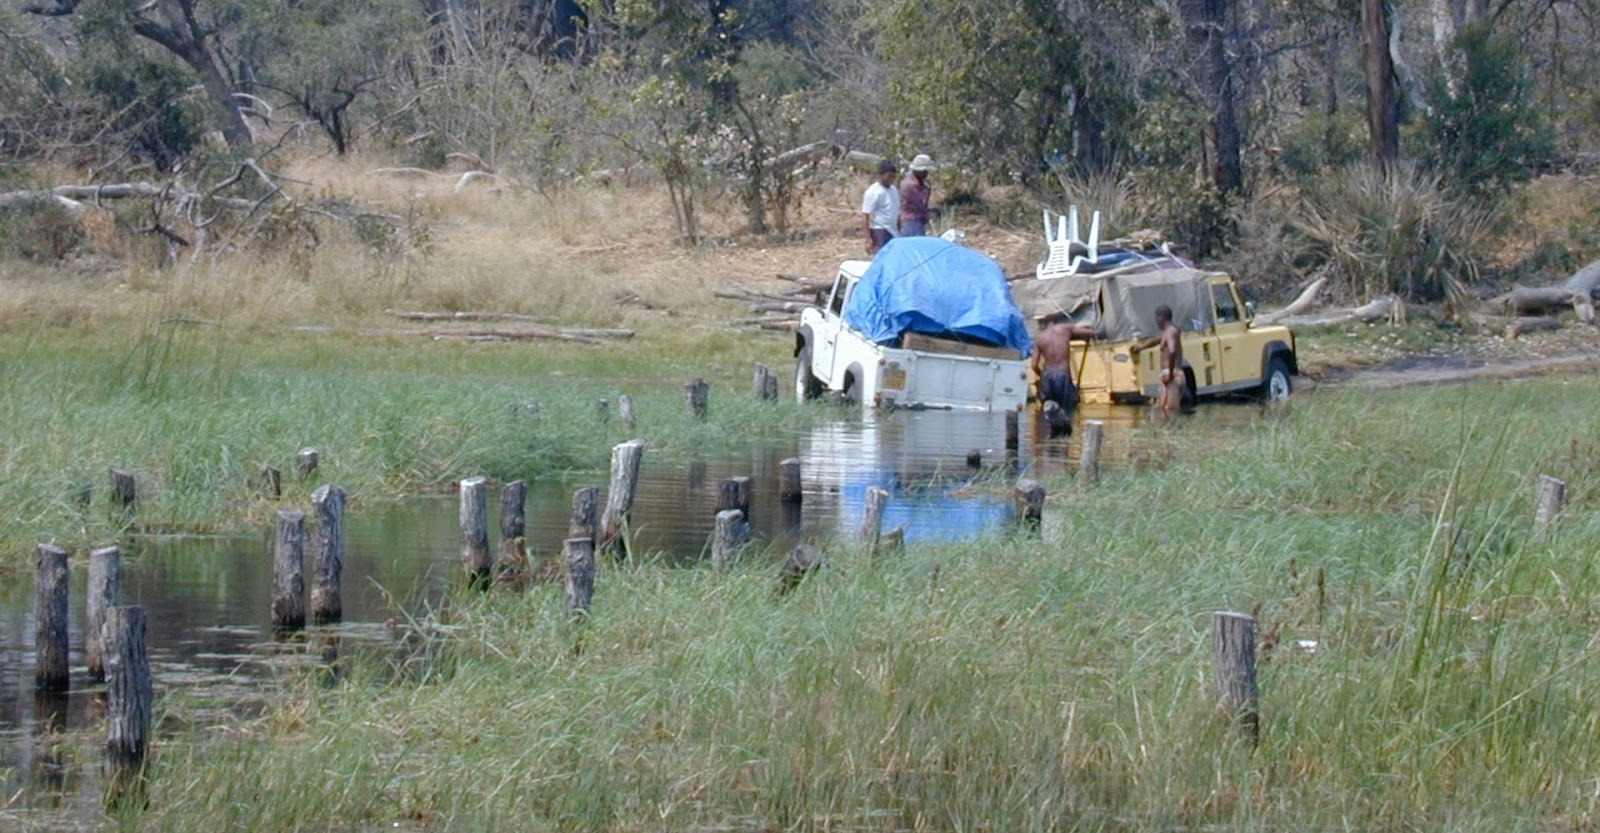 ecology fieldwork in the Okavango delta, Botswana can be tricky